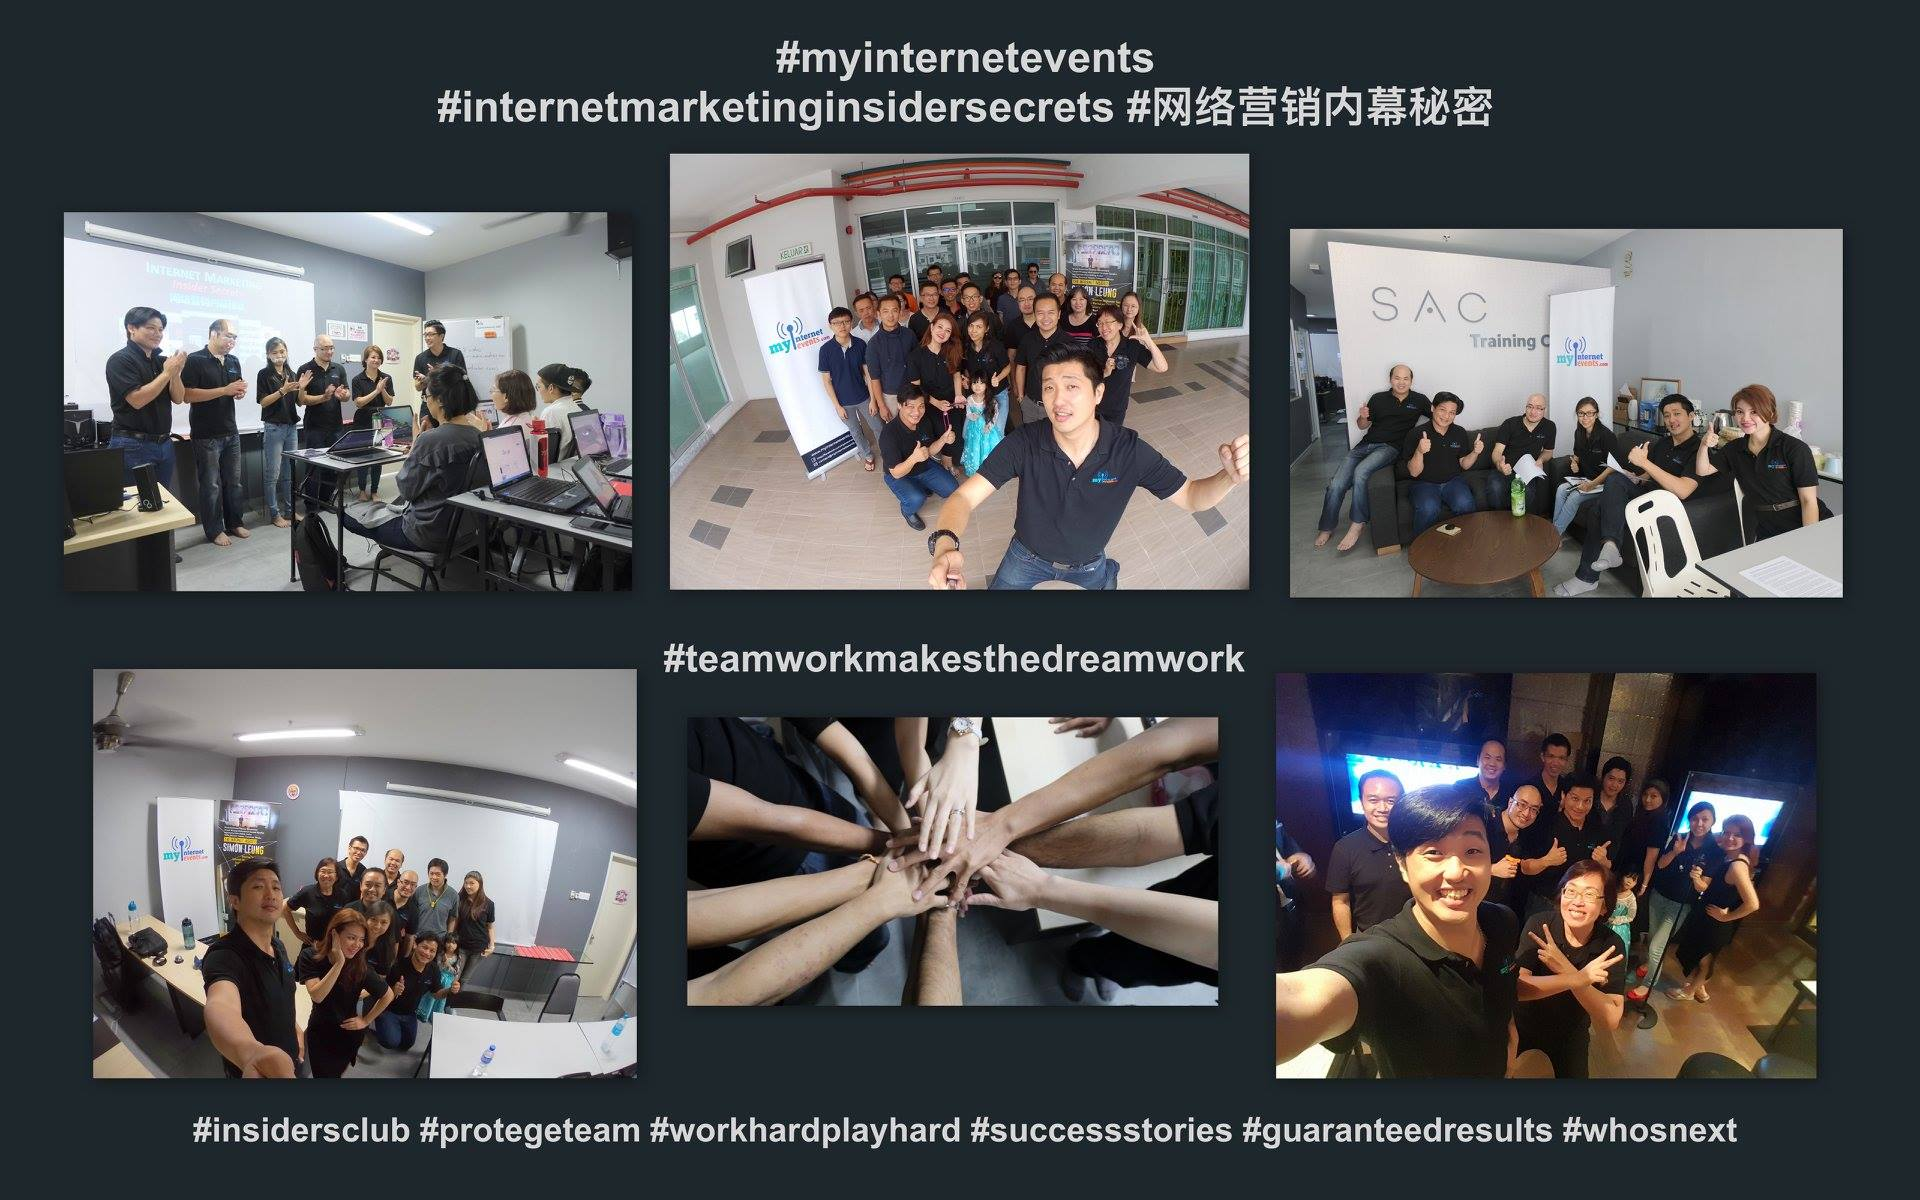 myinternetevents mentors